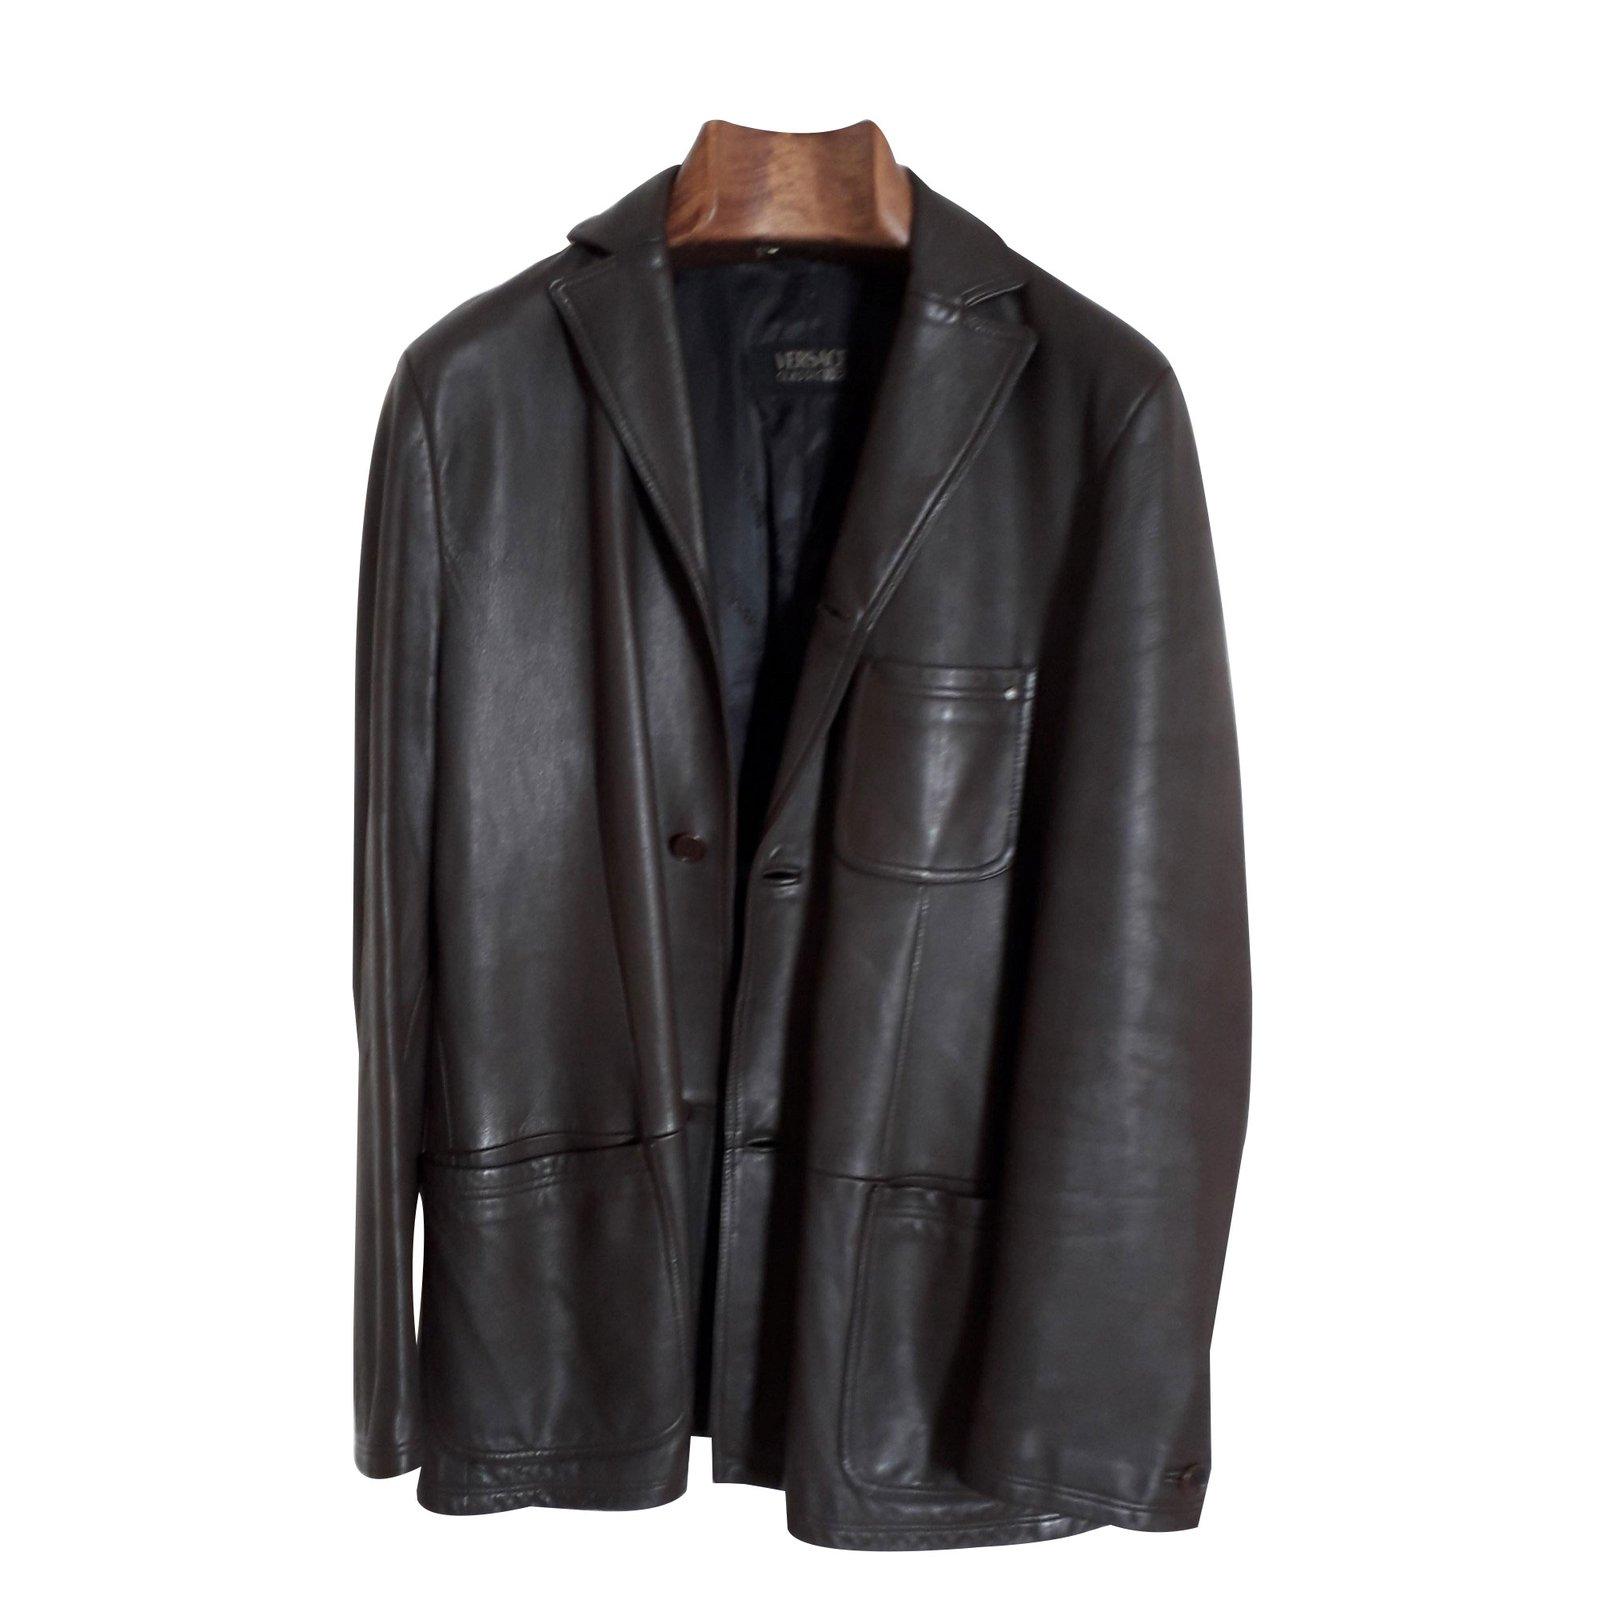 Ref Foncé Versace Vestes Blousons 85075 Joli Closet Marron Veste Cuir  xqqYapvwX 383d291de43